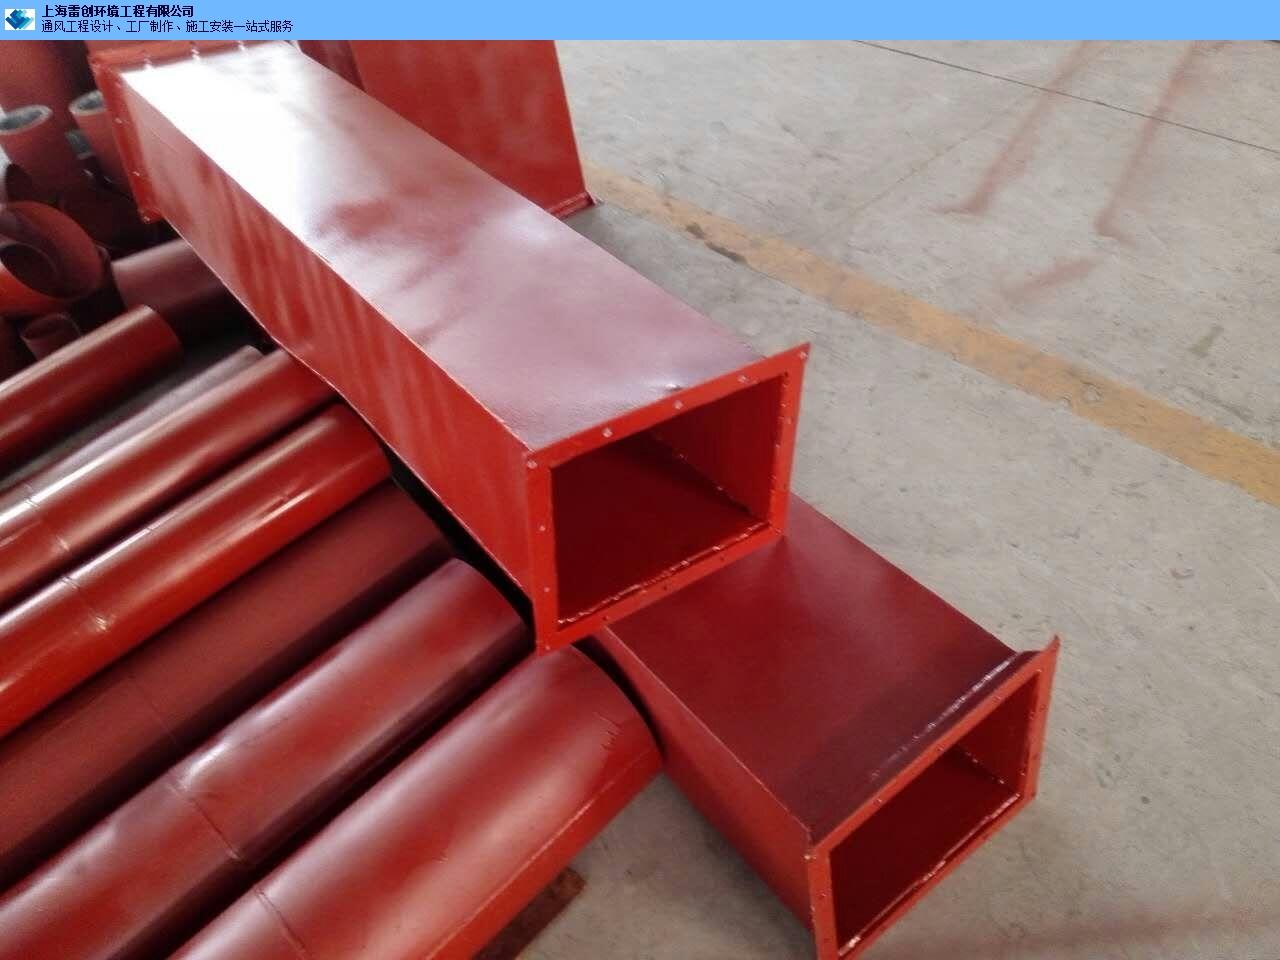 家用中央空调焊接风管的行业须知「上海雷创环境工程供应」